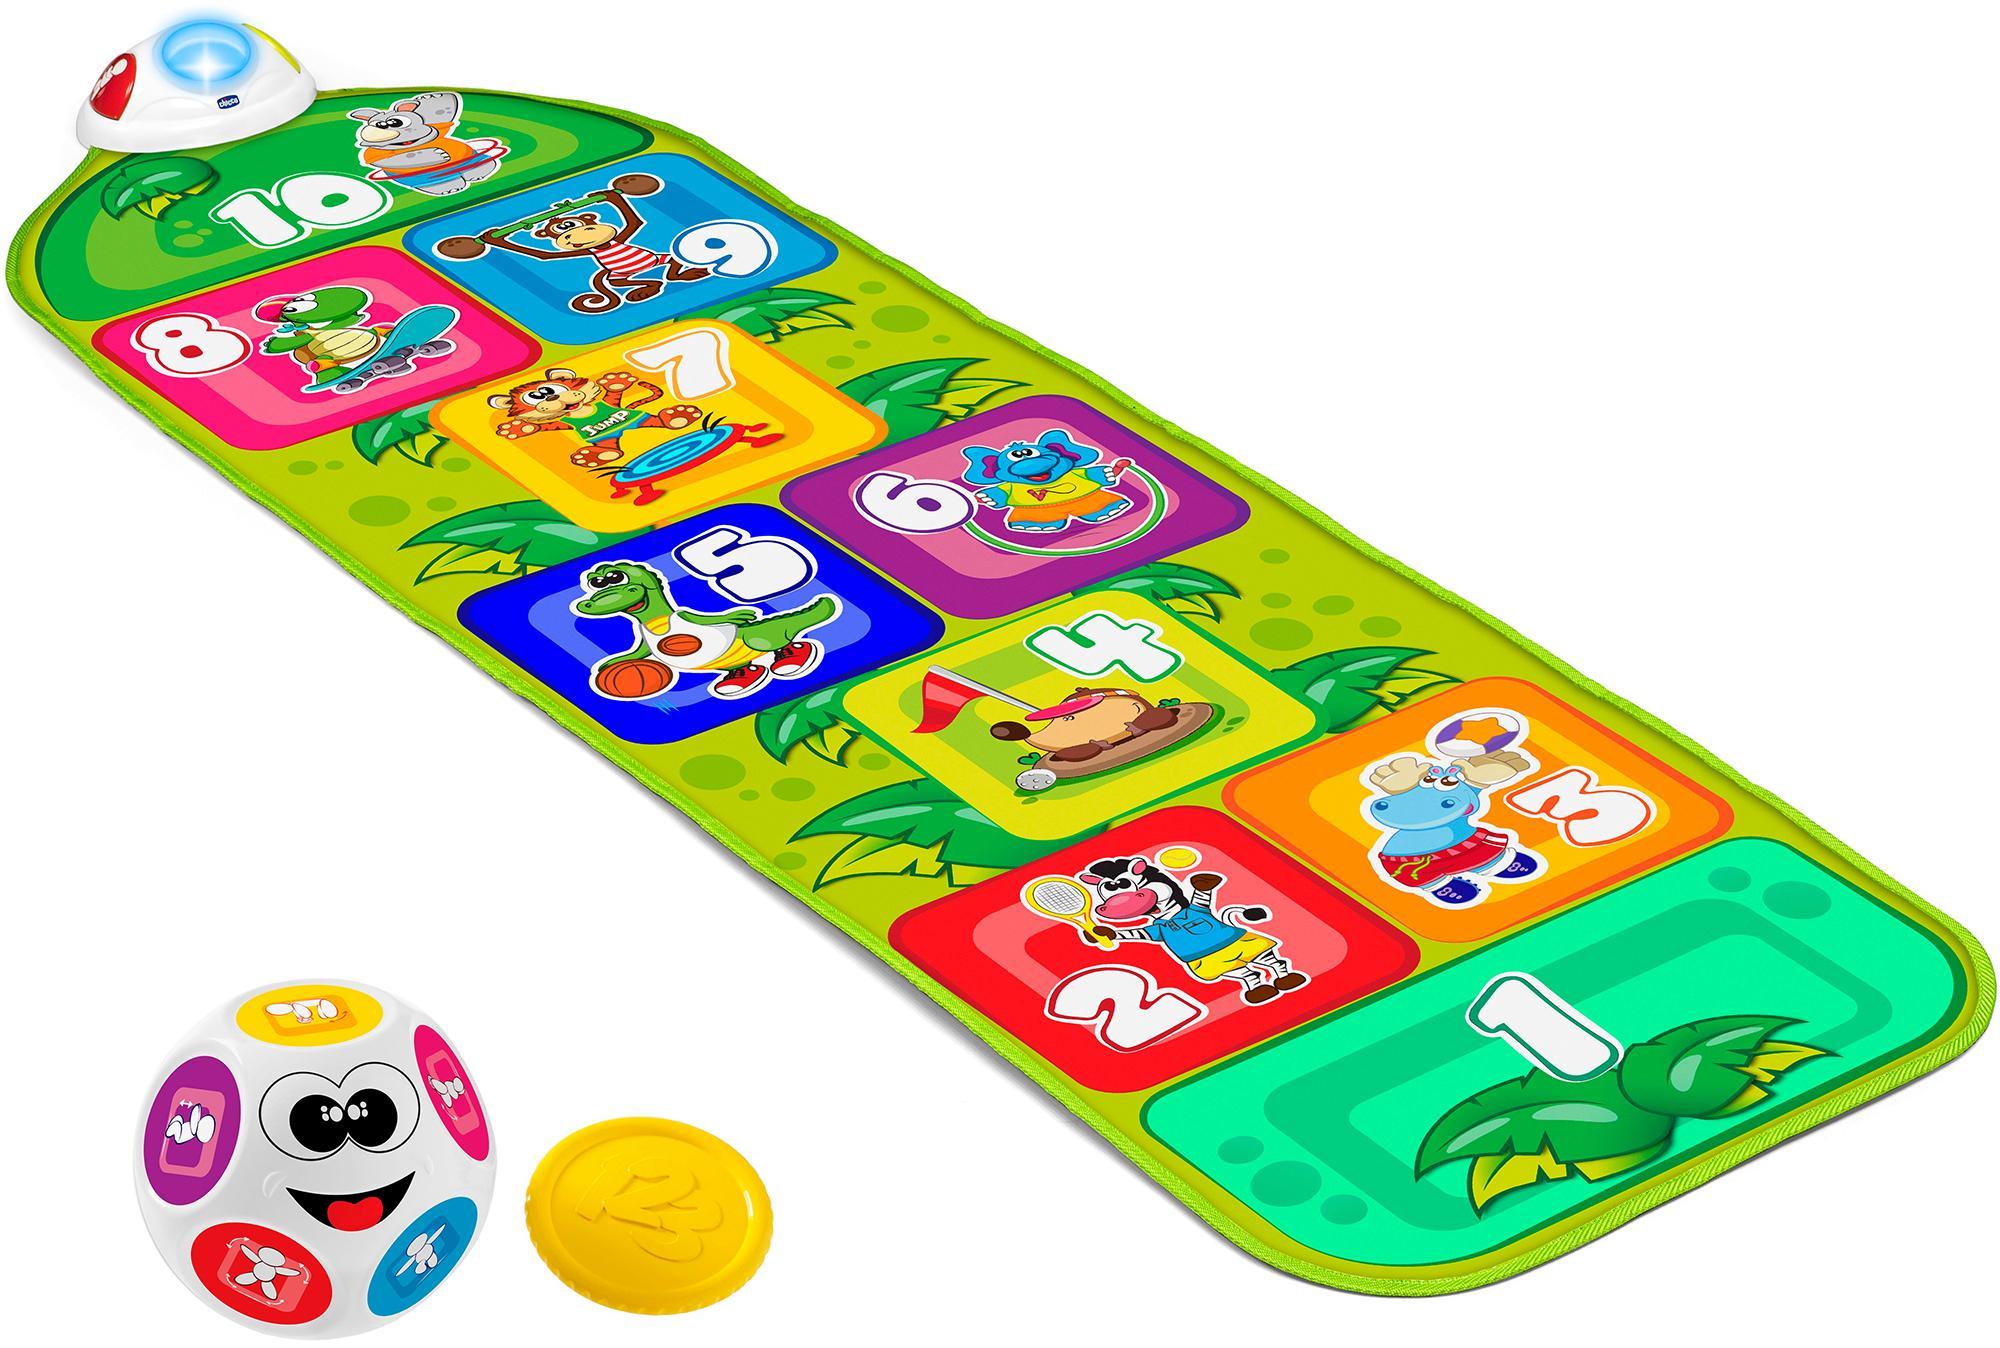 Chicco Spielmatte, Elektronische Hüpfmatte bunt Kinder Ab 2 Jahren Altersempfehlung Lernspielzeug